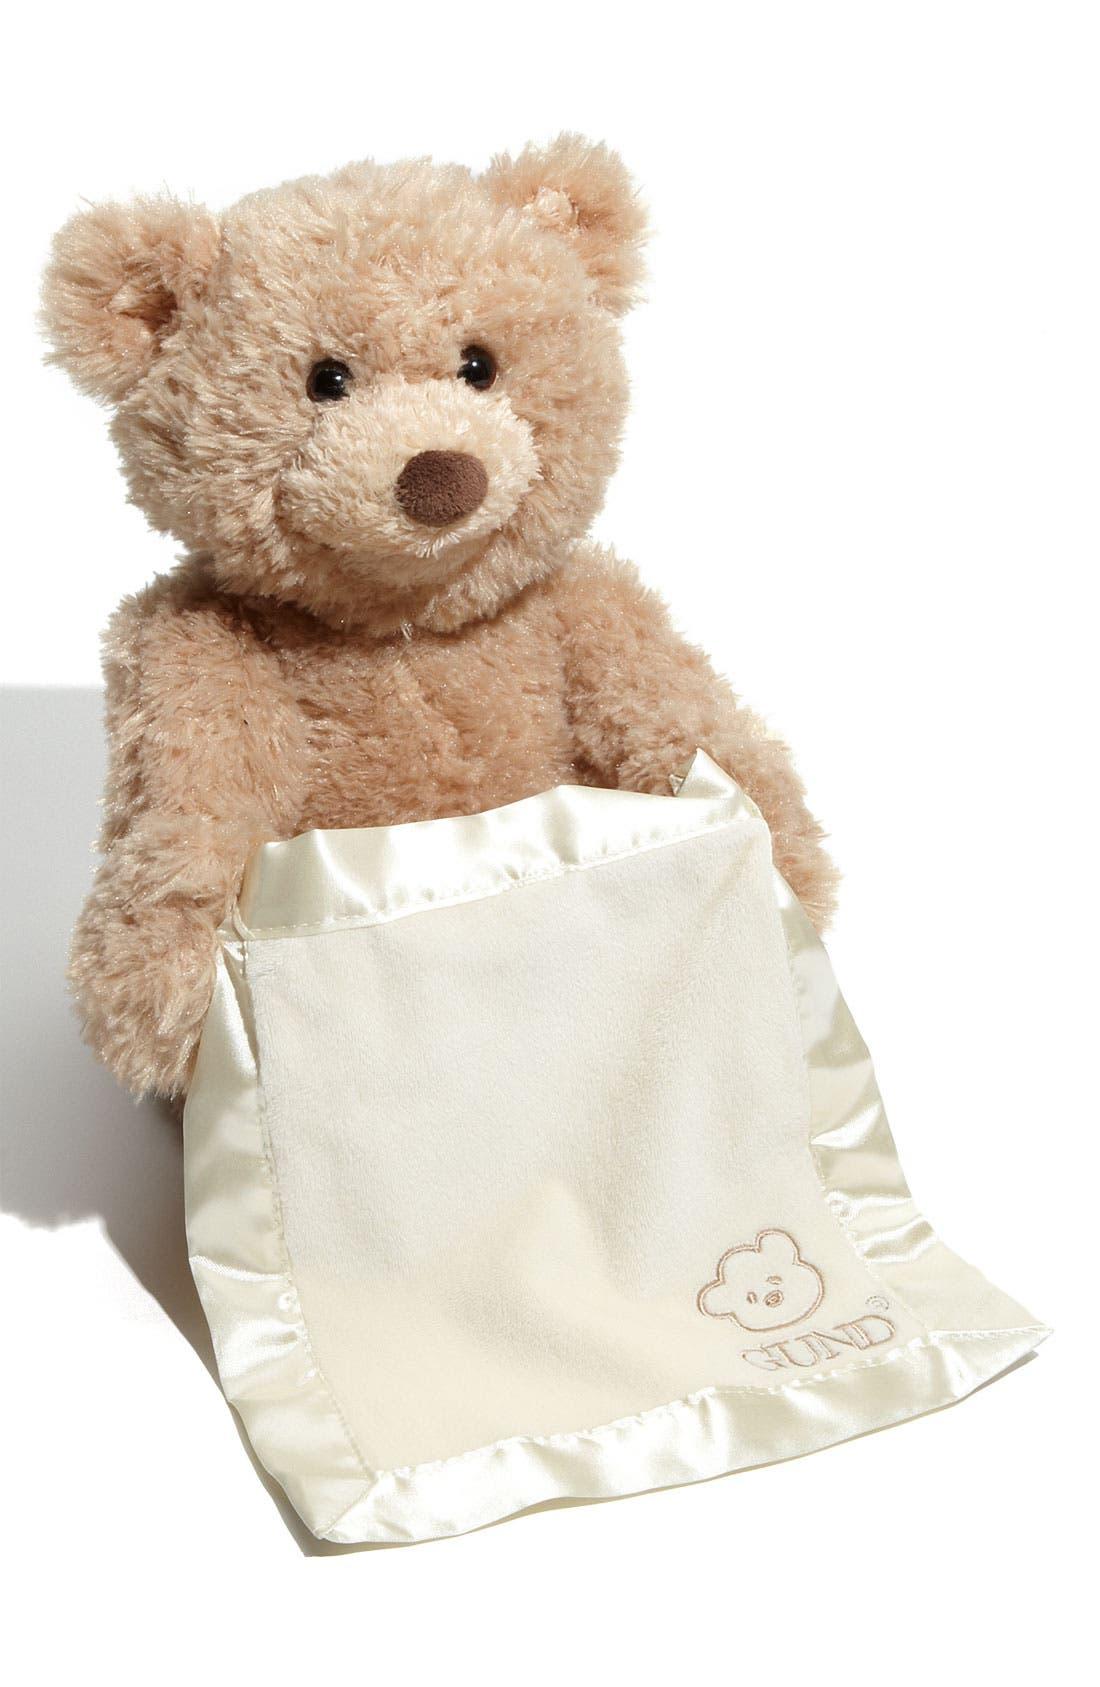 Baby Gund 'Peekaboo' Bear